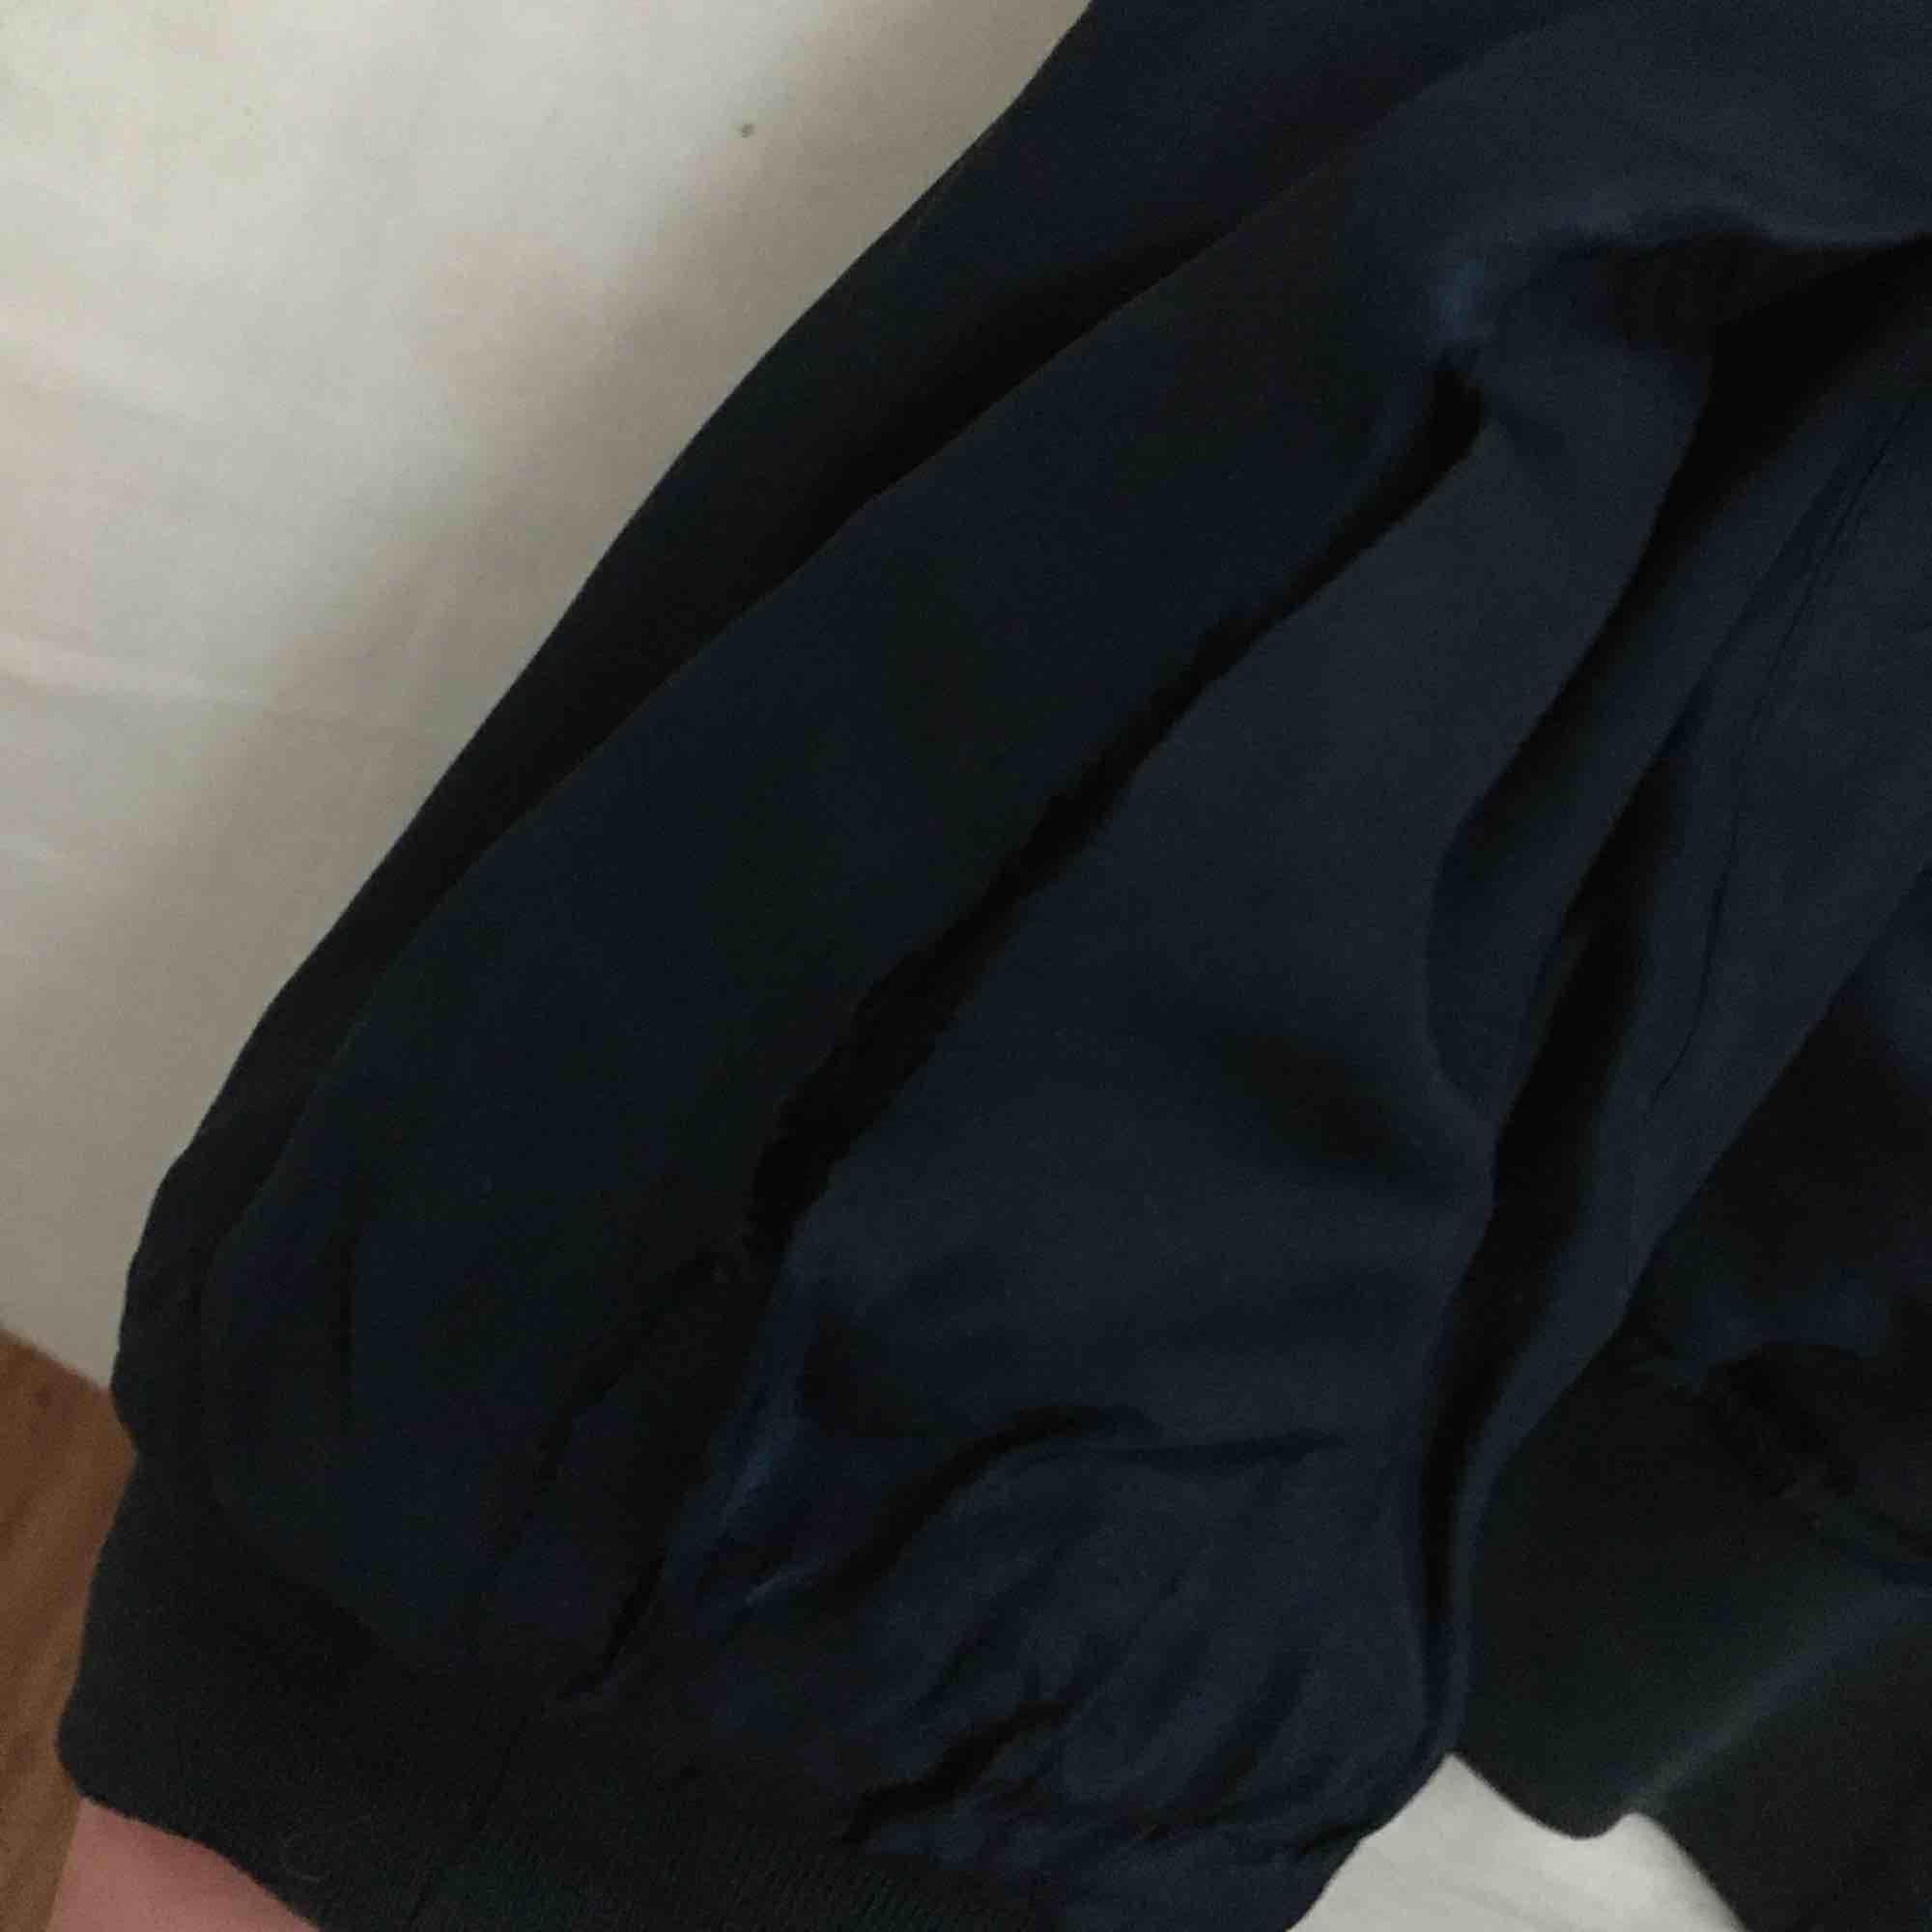 Marinblå välanvänd silkes bomberjacka från humana! slitage på flera ställen (se bilder) men går att laga om man vill. Den är jättetunn och silkig så passar de flesta storlekar men skulle säga M. Jackor.